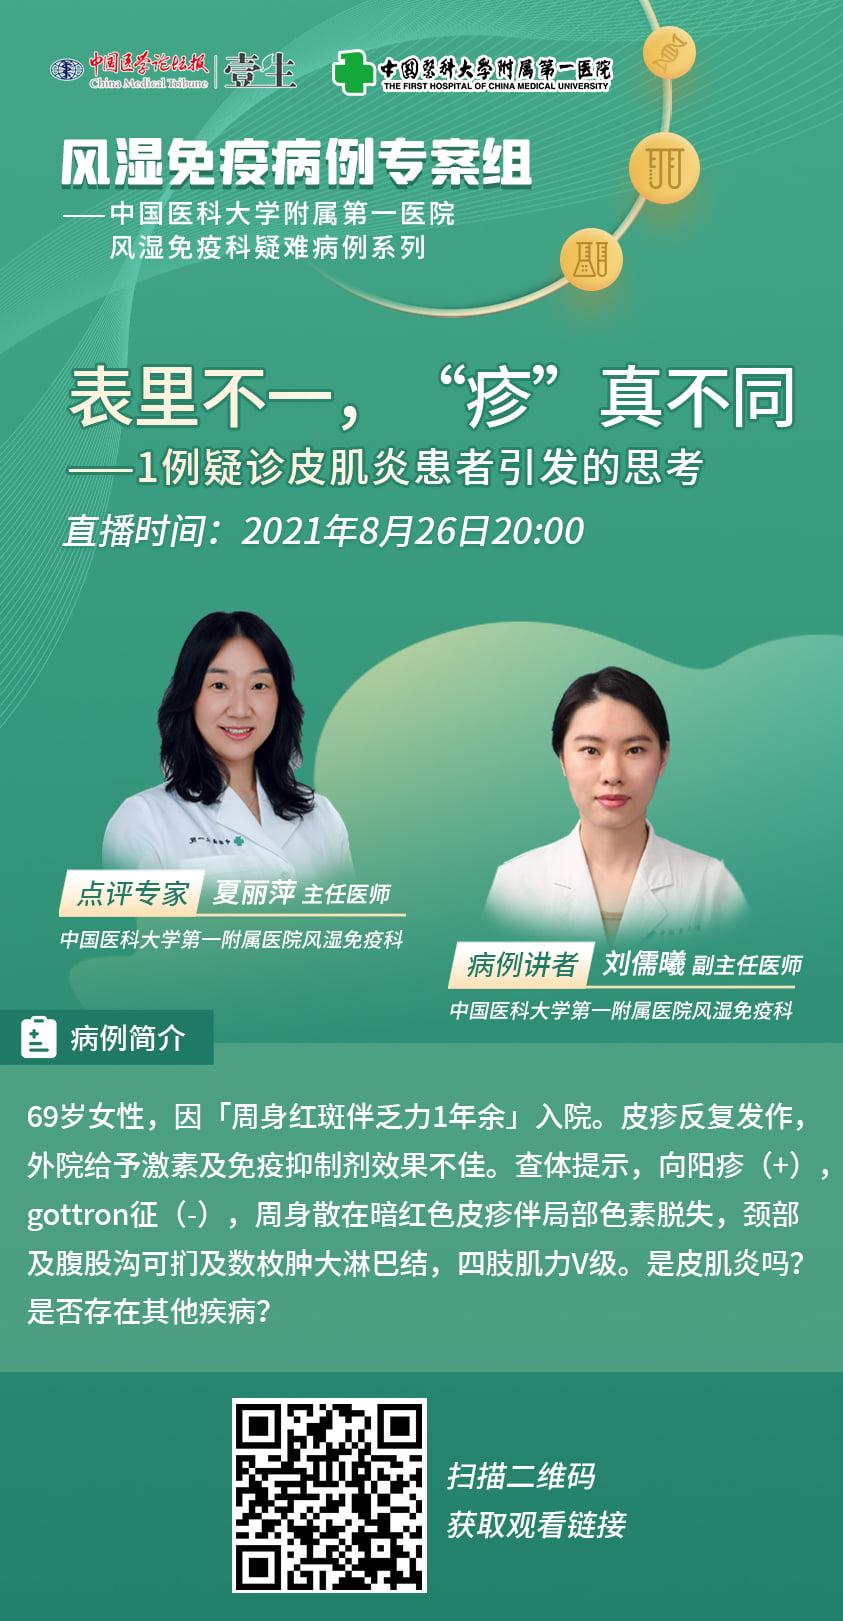 刘儒曦&夏丽萍海报 (1).jpg